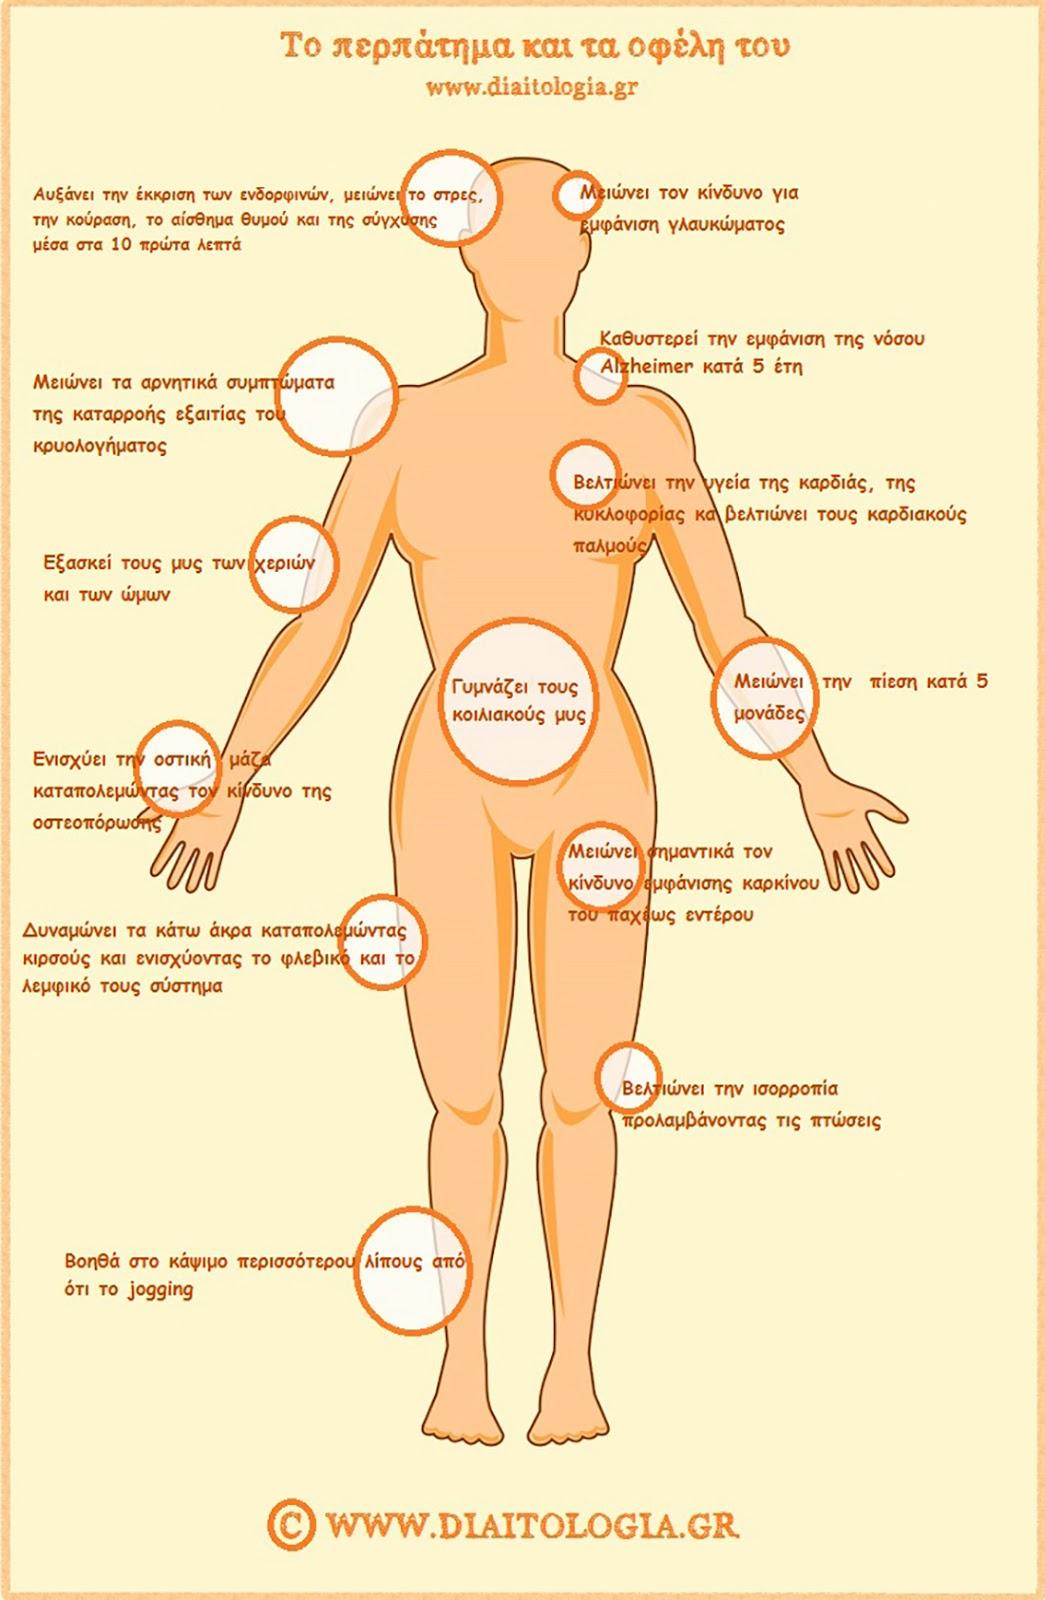 Περπάτημα και οφέλη για την υγεία